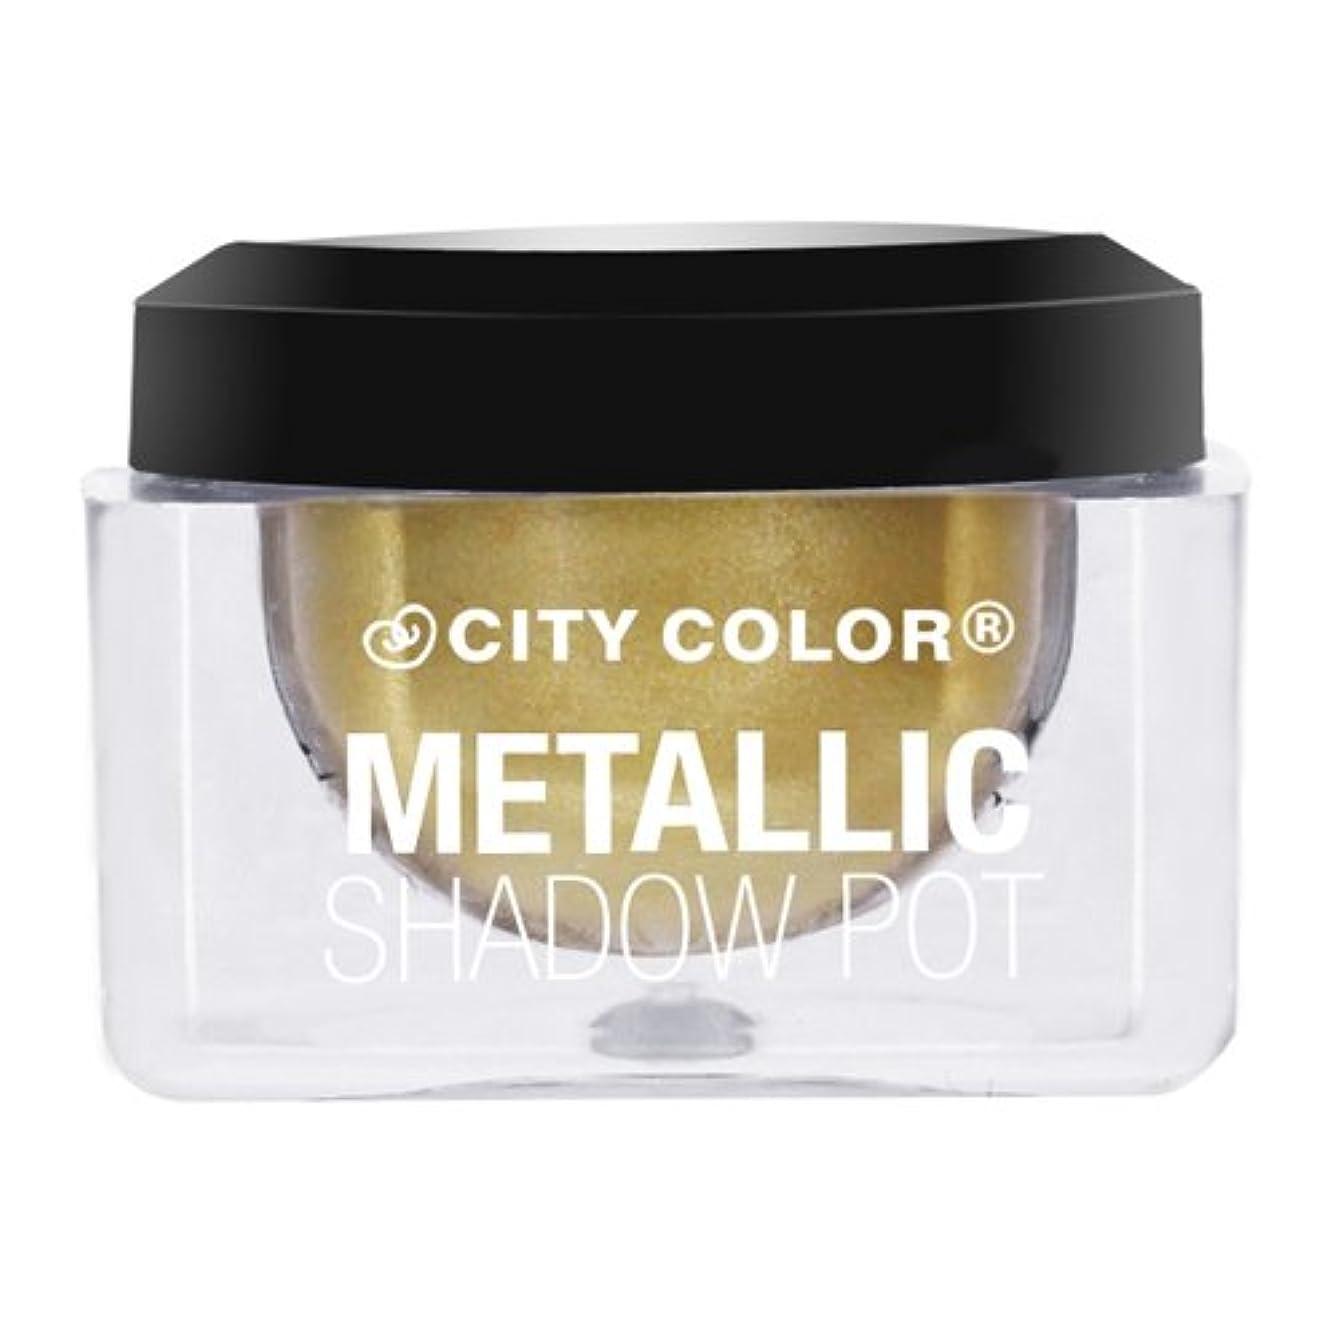 ボイド深くおとなしい(3 Pack) CITY COLOR Metallic Shadow Pot - Shooting Star (並行輸入品)